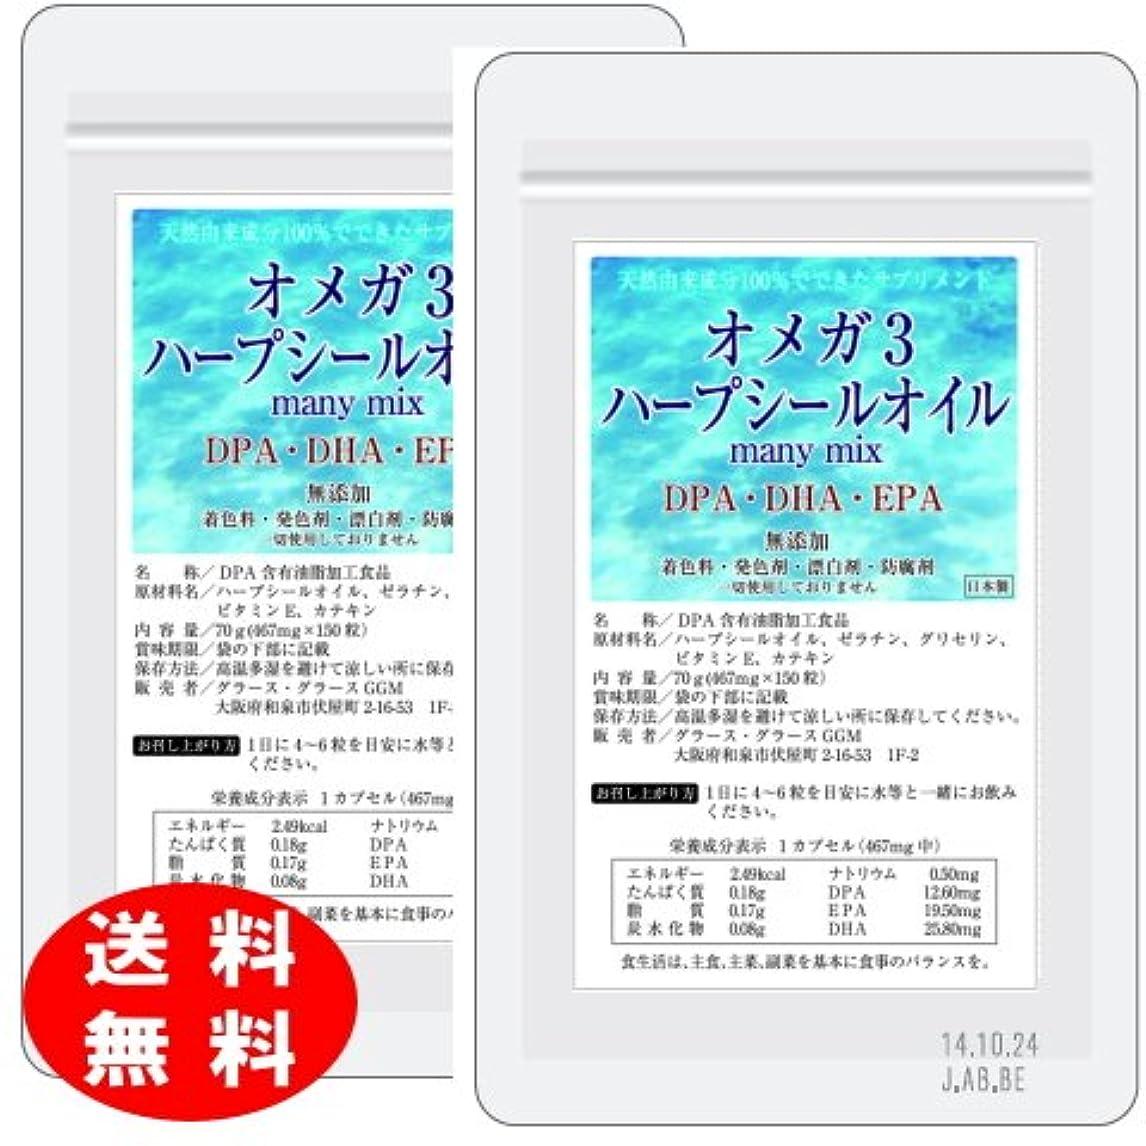 絡み合い応じる騒乱オメガ3 ハープシールオイル(アザラシオイル) many mix 150粒 2袋セット